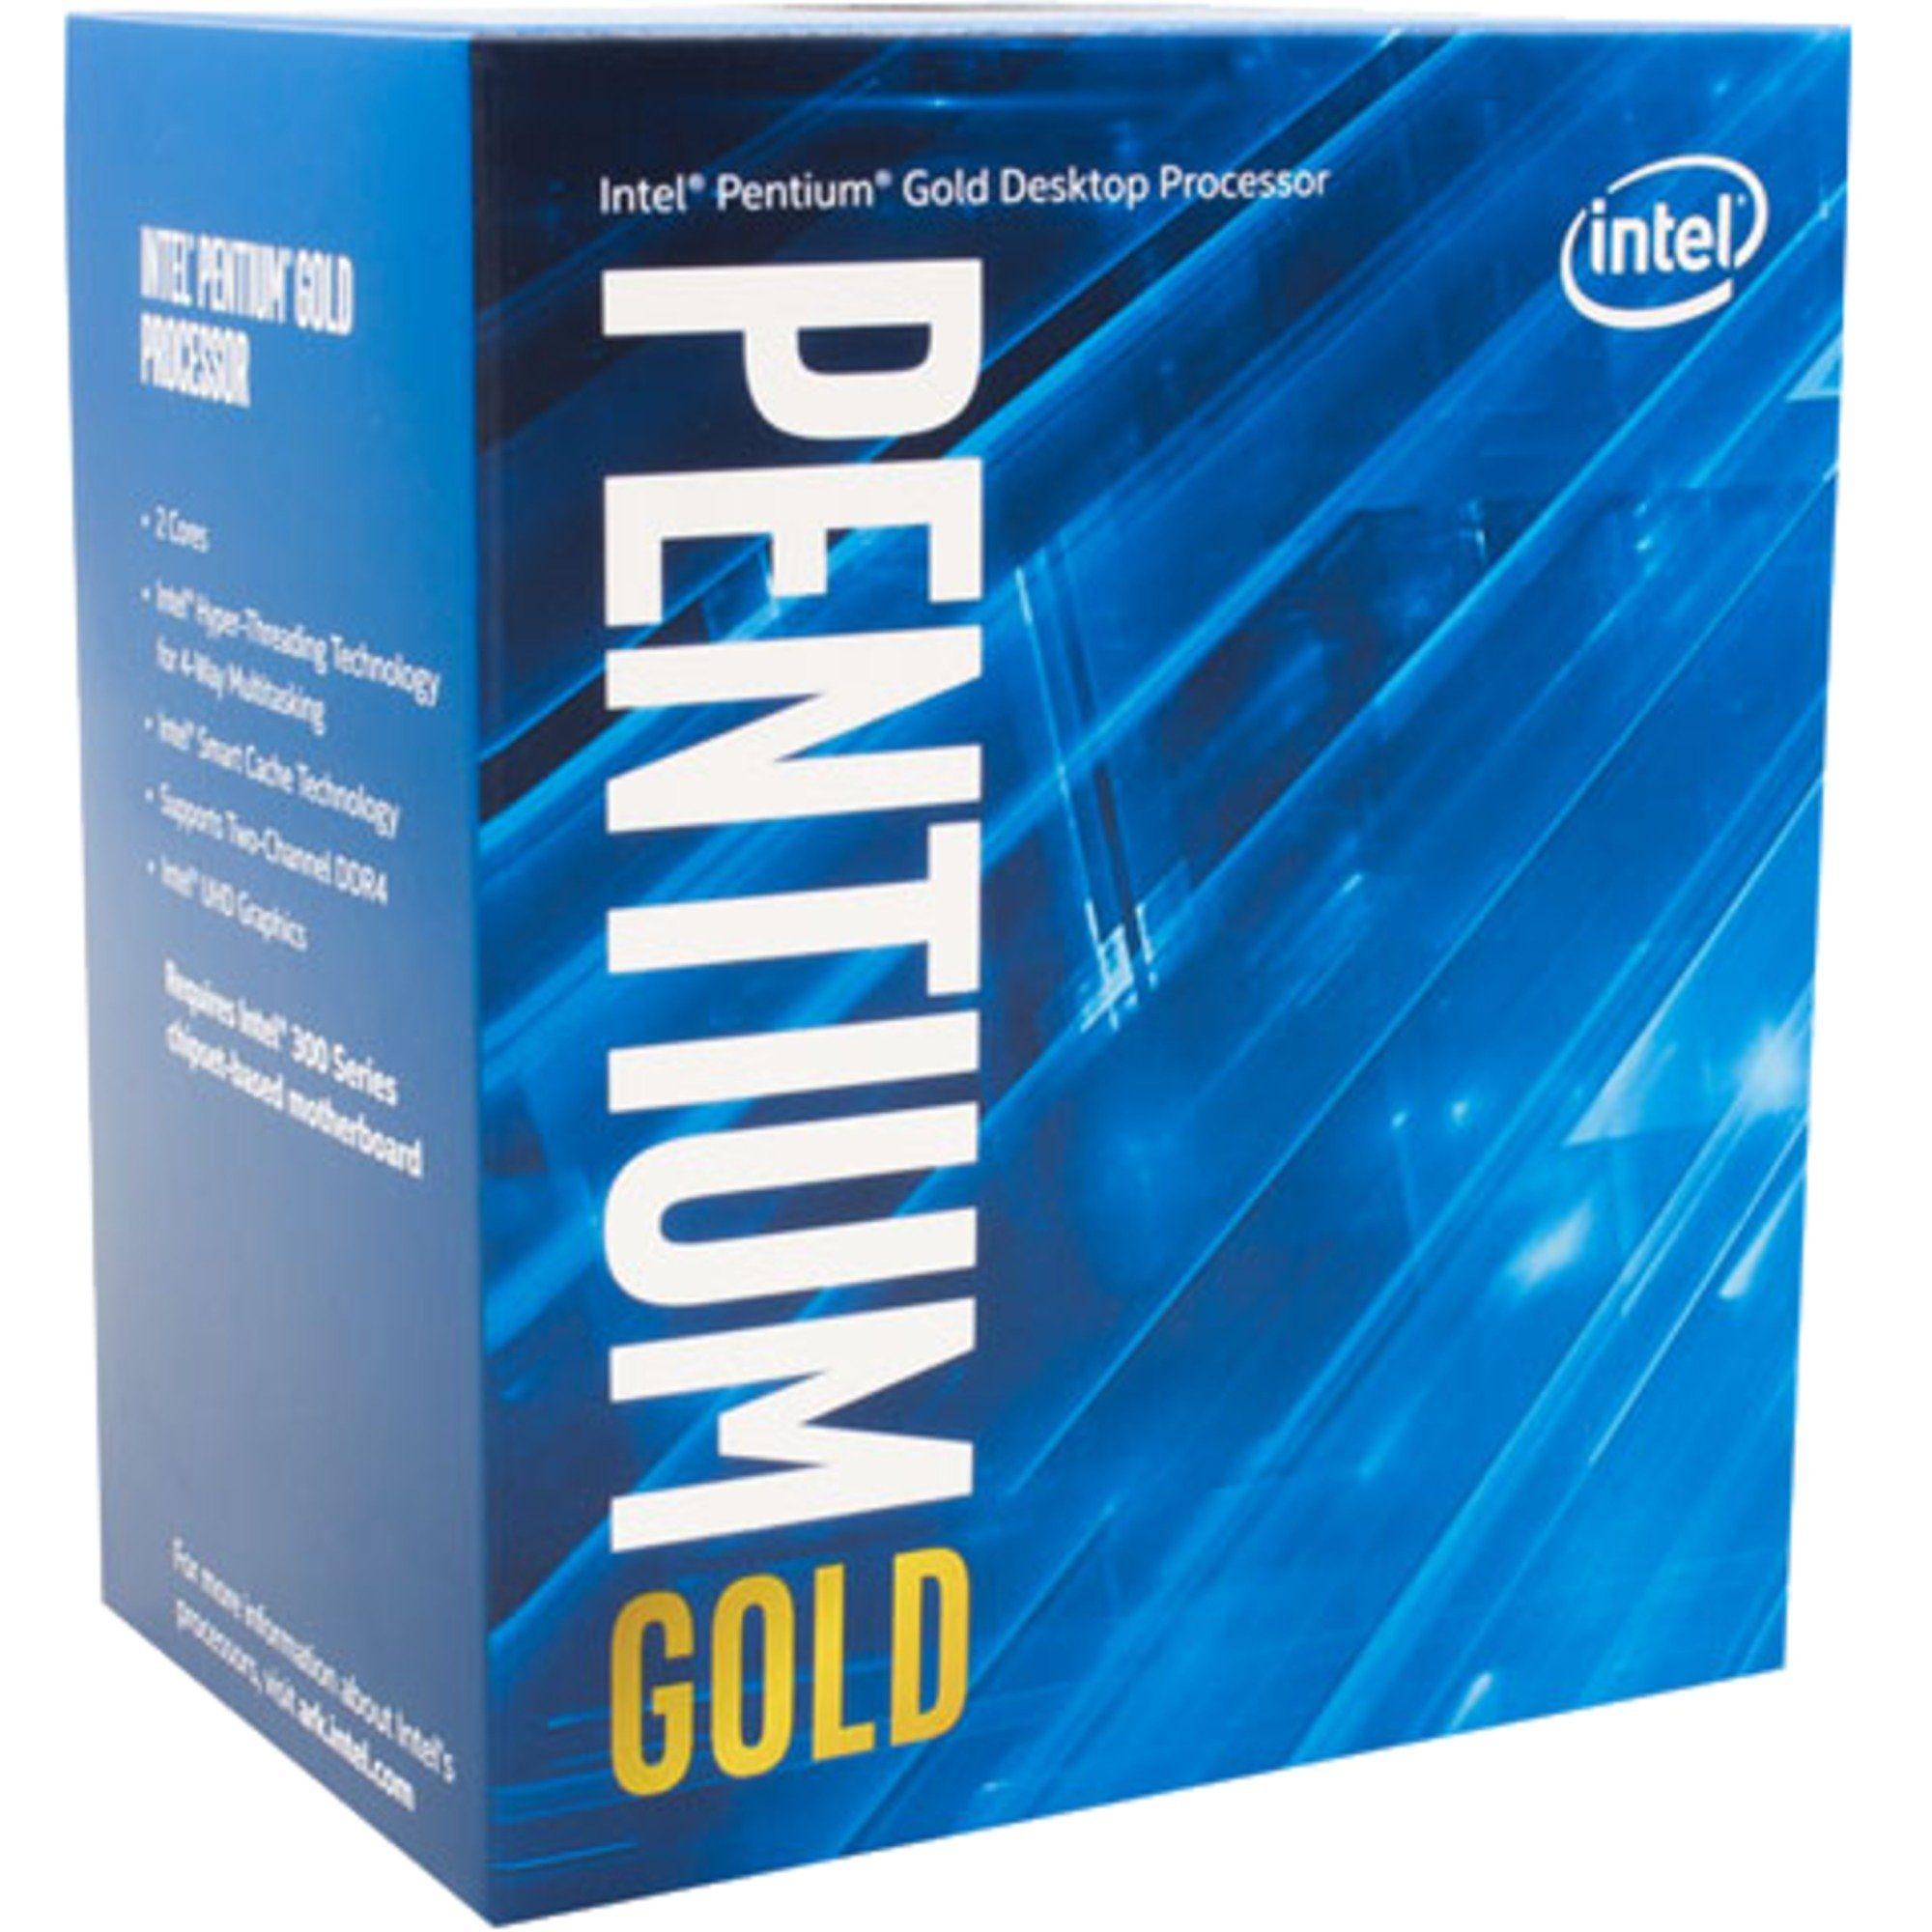 Intel® Prozessor »Pentium® Gold G5600«